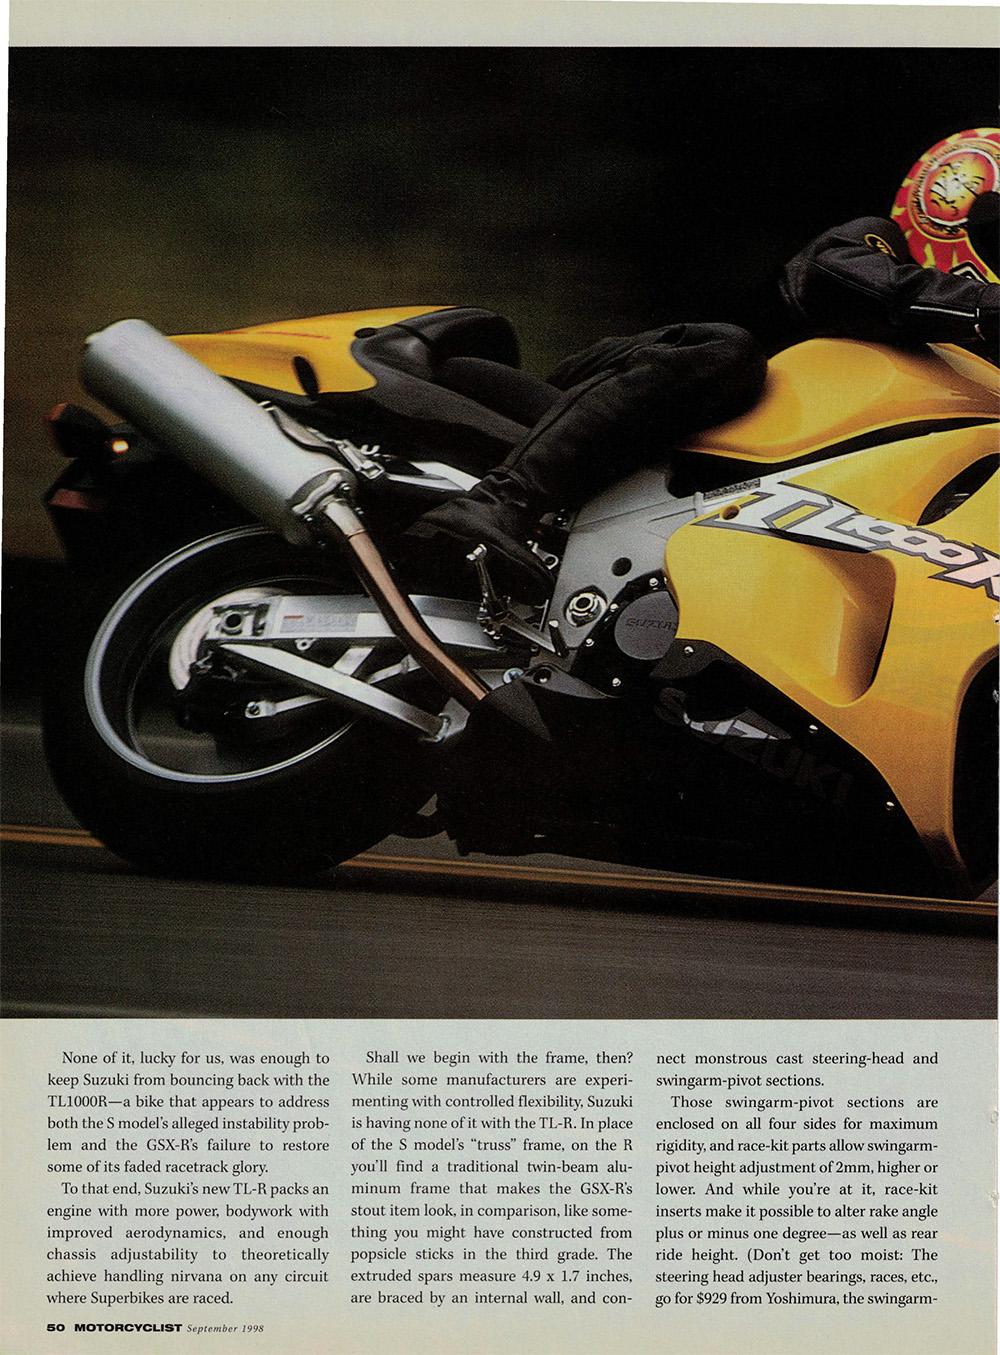 1998 Suzuki TL1000R road test 03.jpg